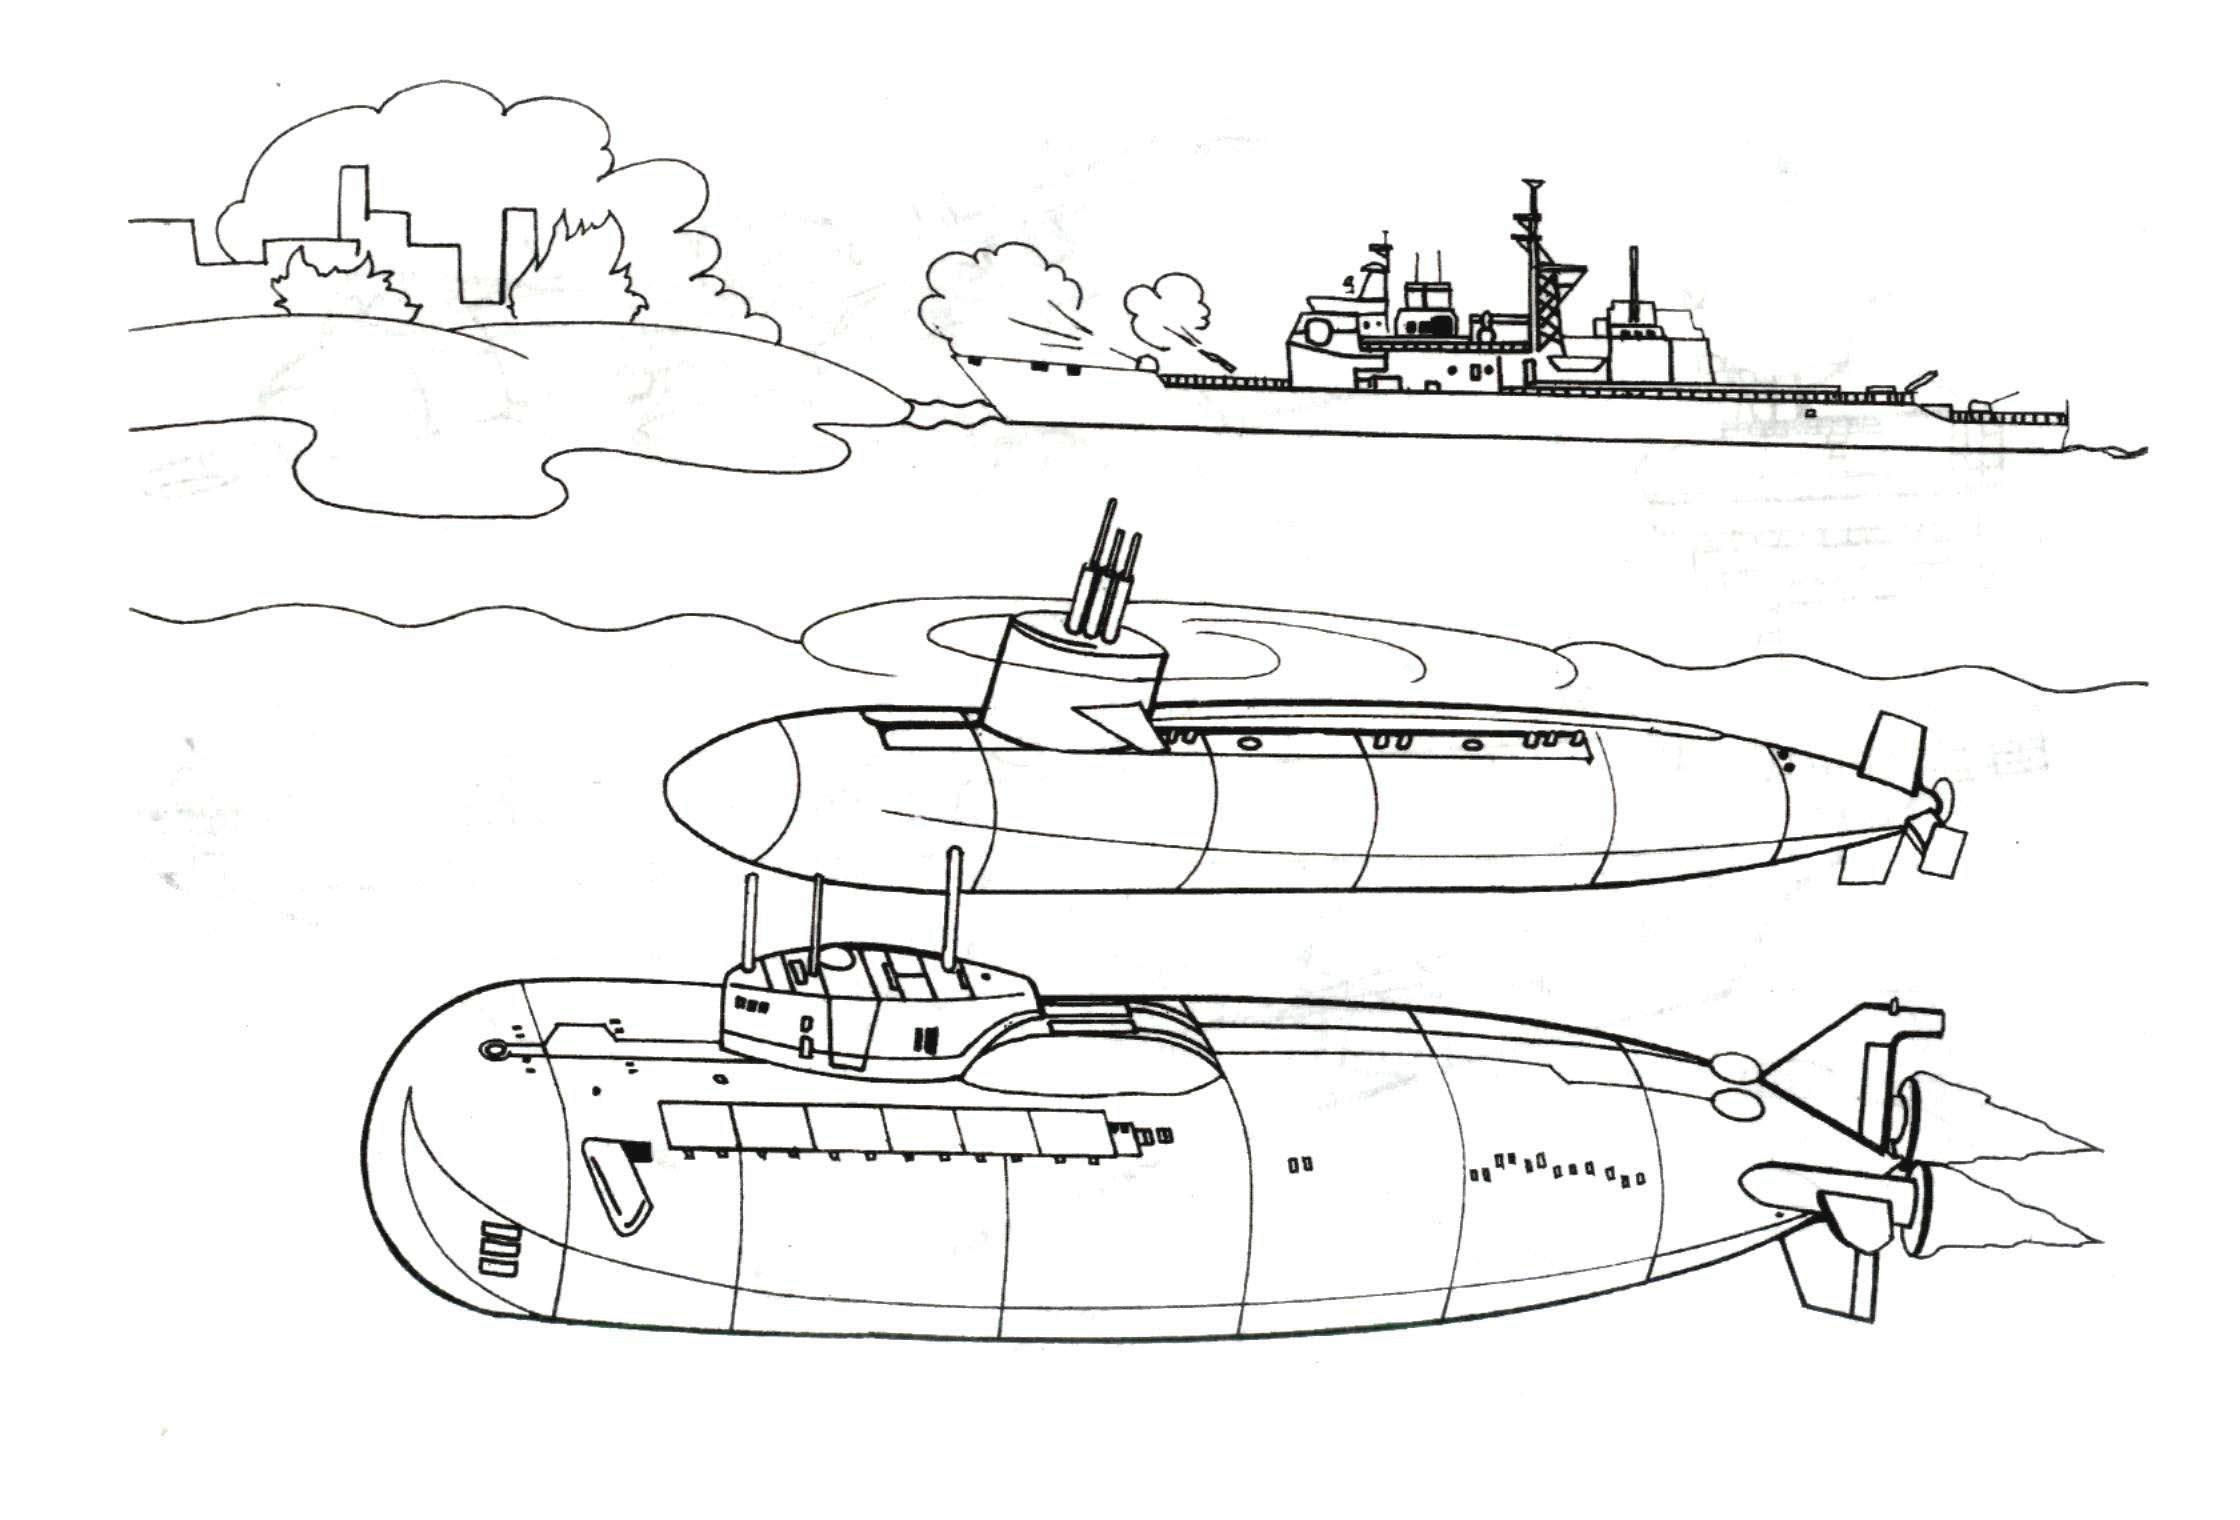 Раскраски корабли, подводные лодки, парусники